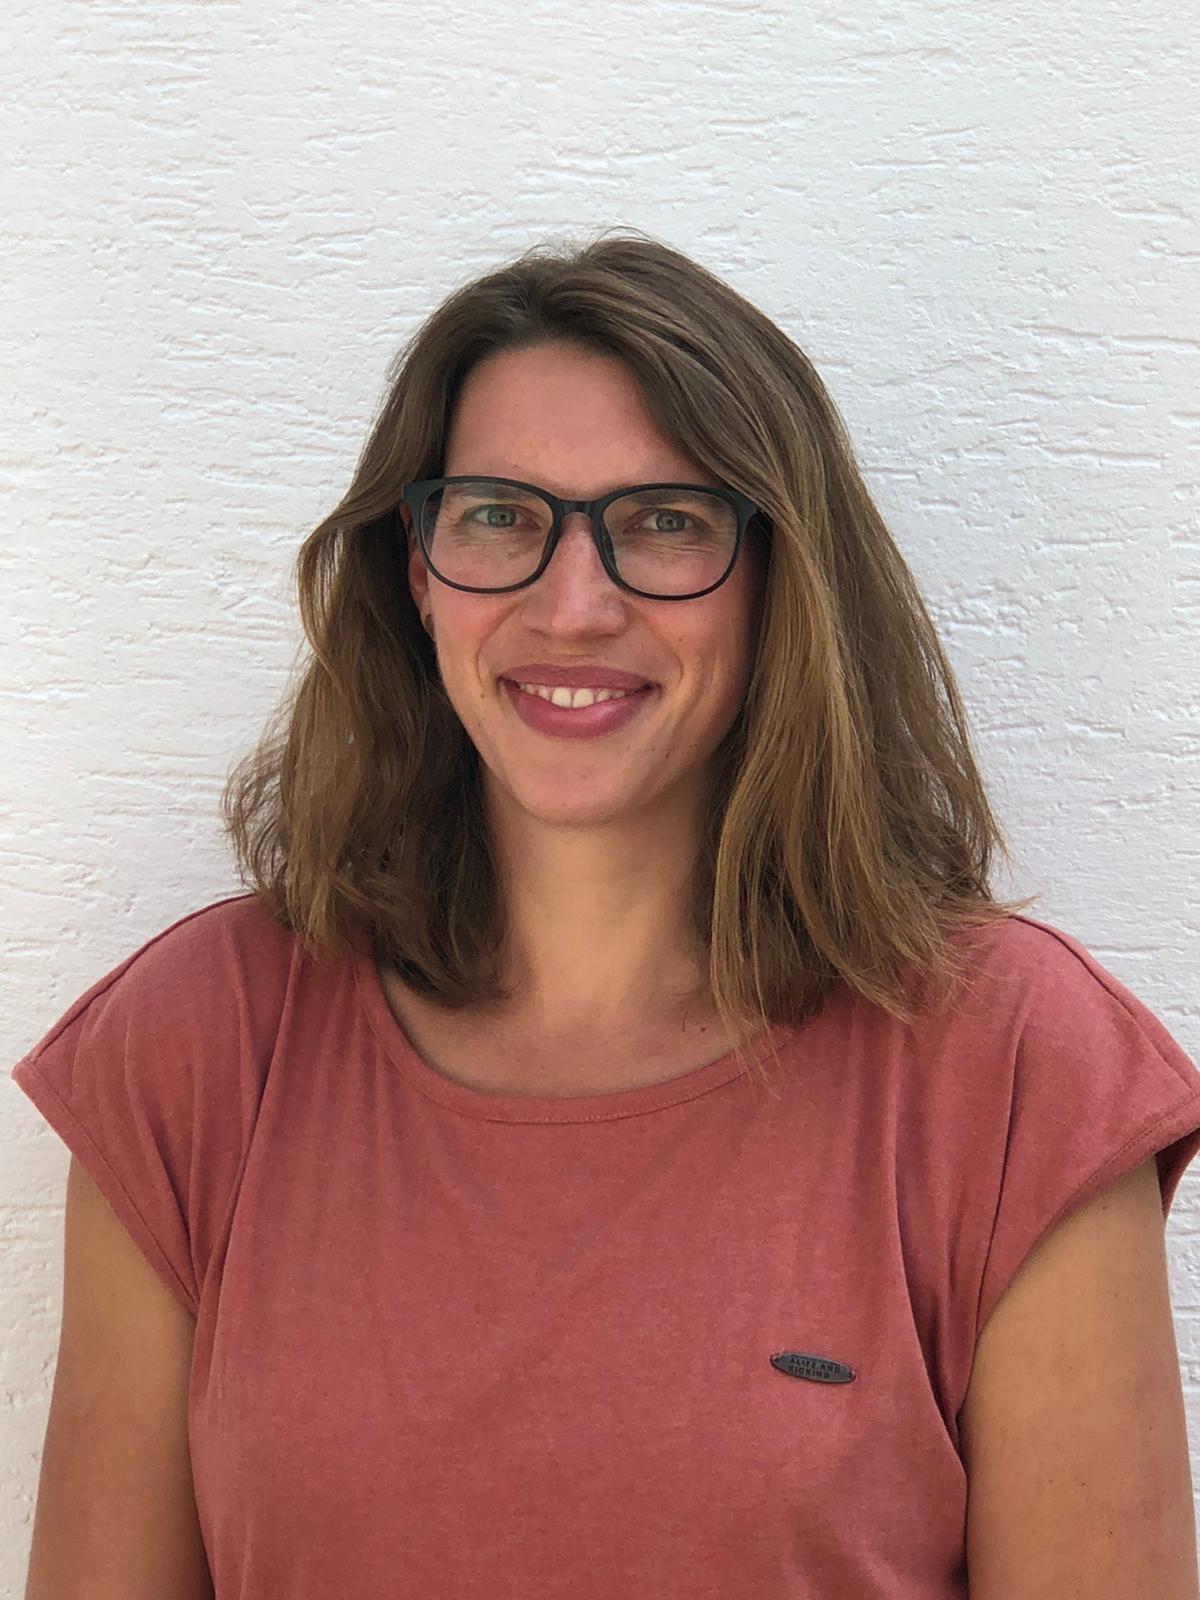 Daniela Lienesch